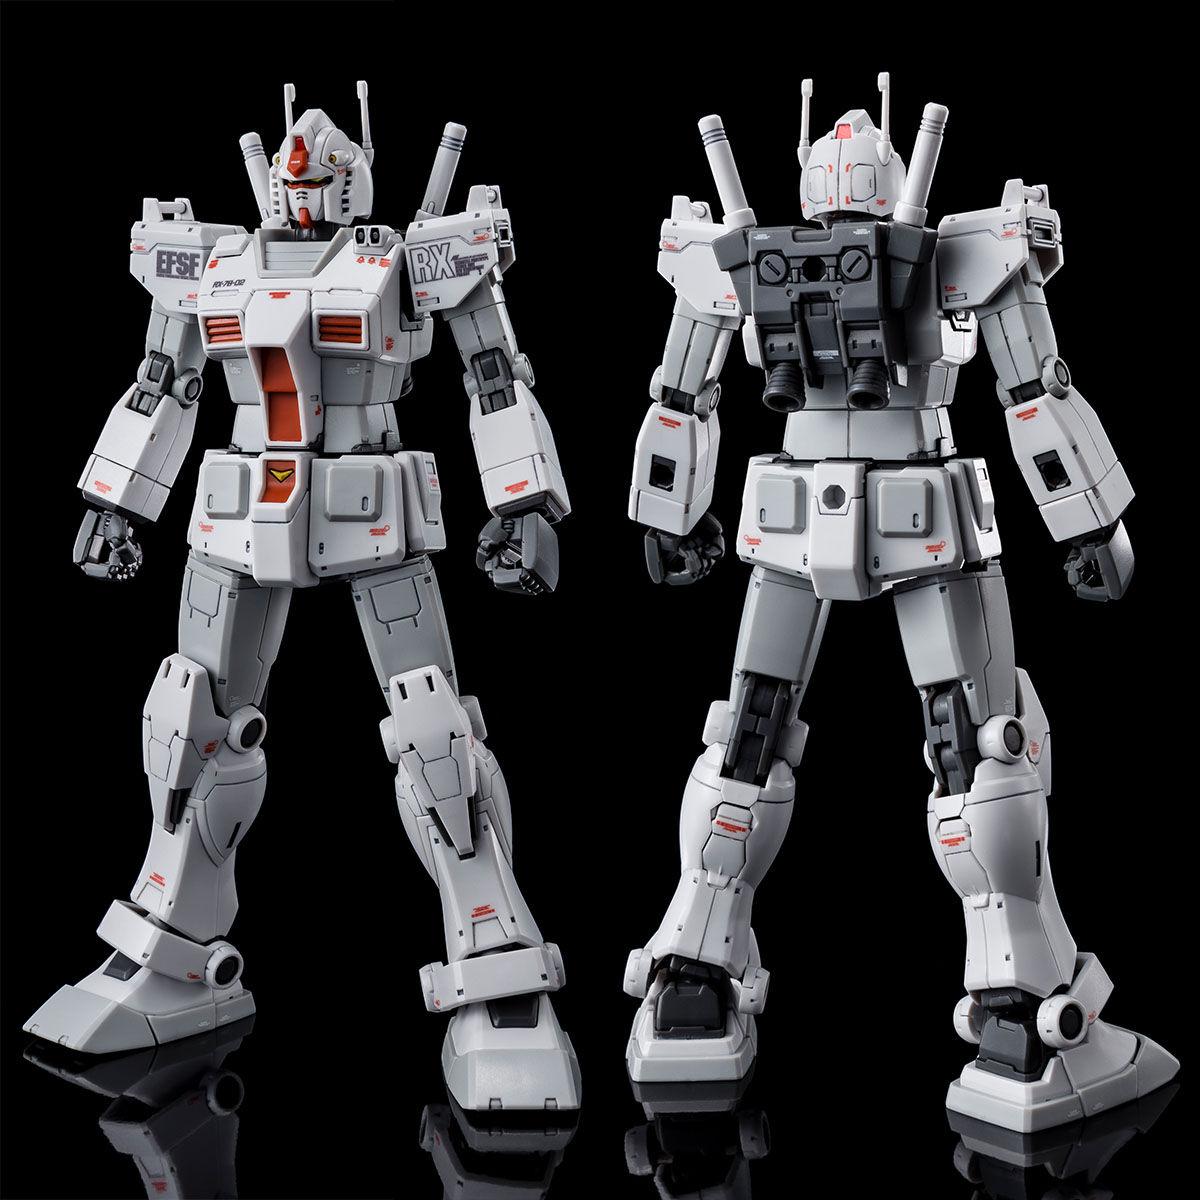 【限定販売】【2次】HG 1/144『RX-78-02 ガンダム ロールアウトカラー(GUNDAM THE ORIGIN版)』プラモデル-002